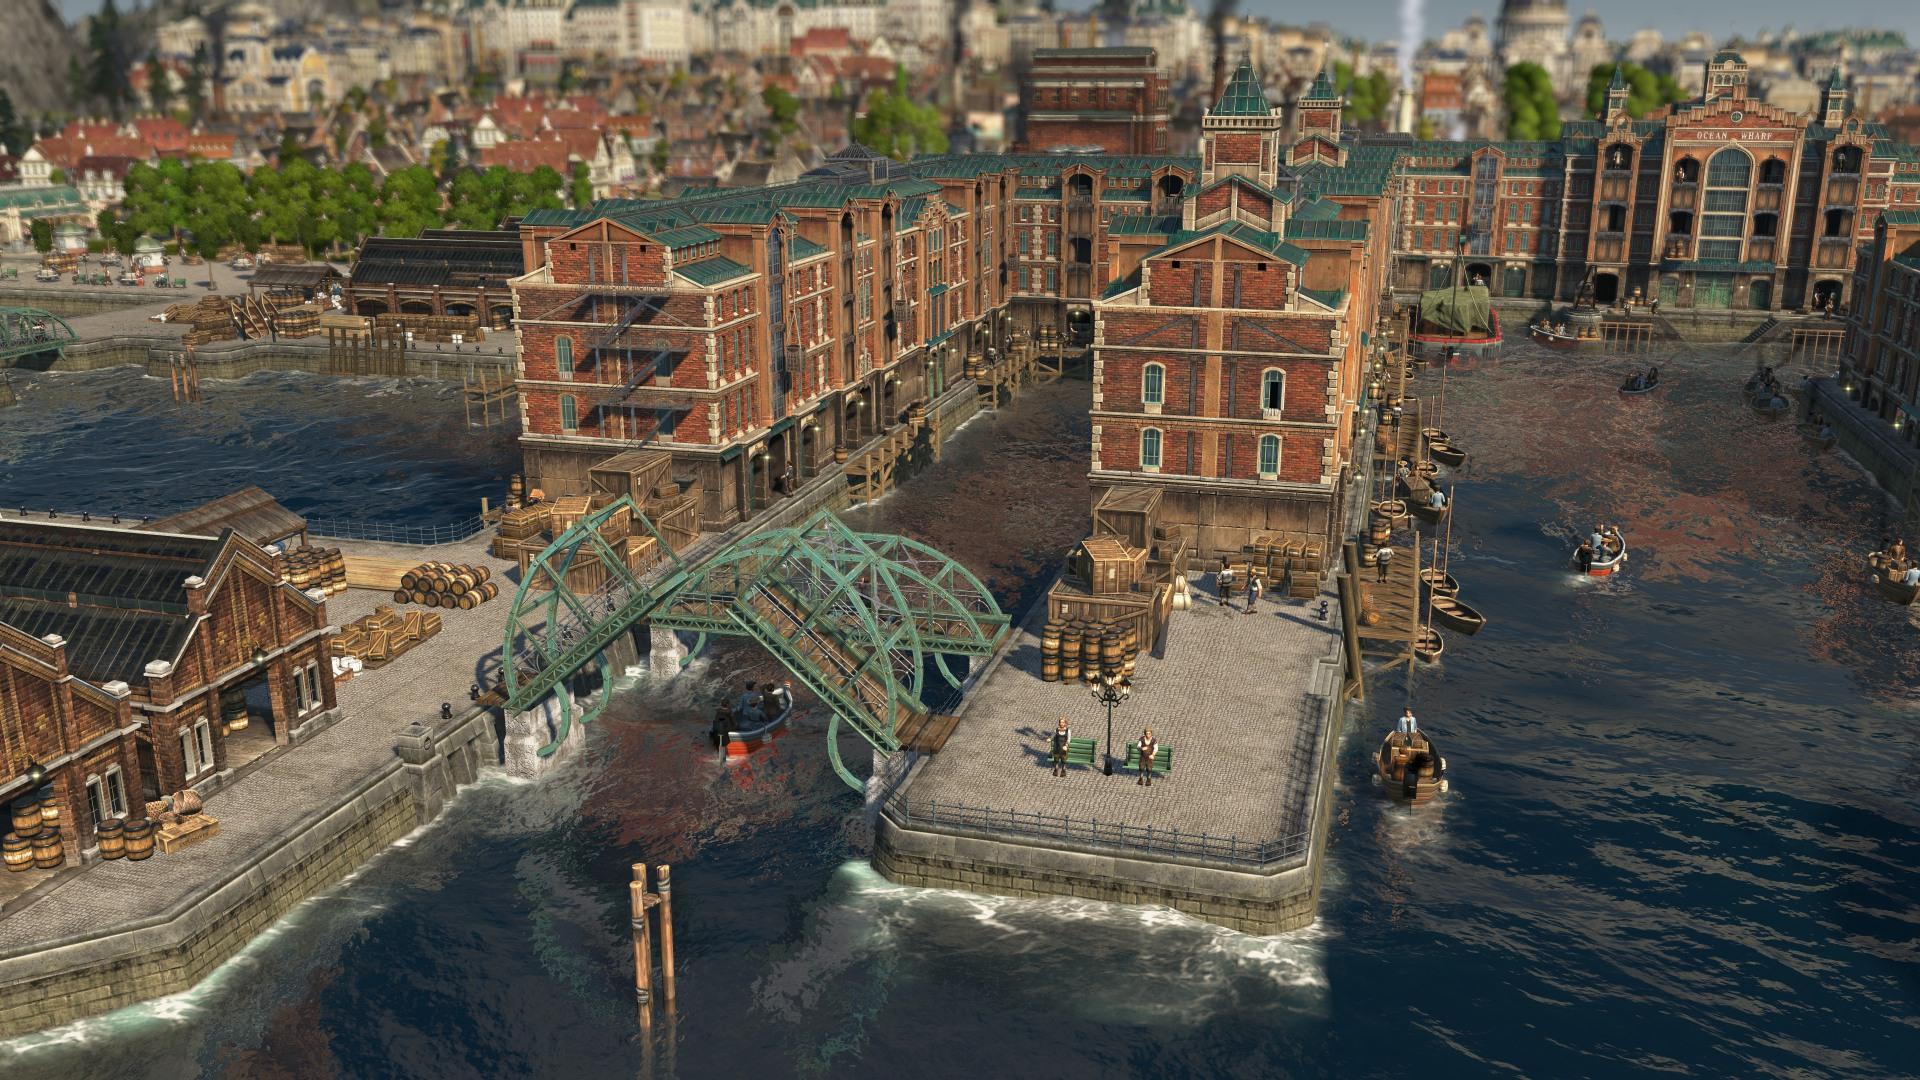 Anno1800_DLC7_Docklands_Screenshot_6-495116033a0dc653da5.73421193.jpg